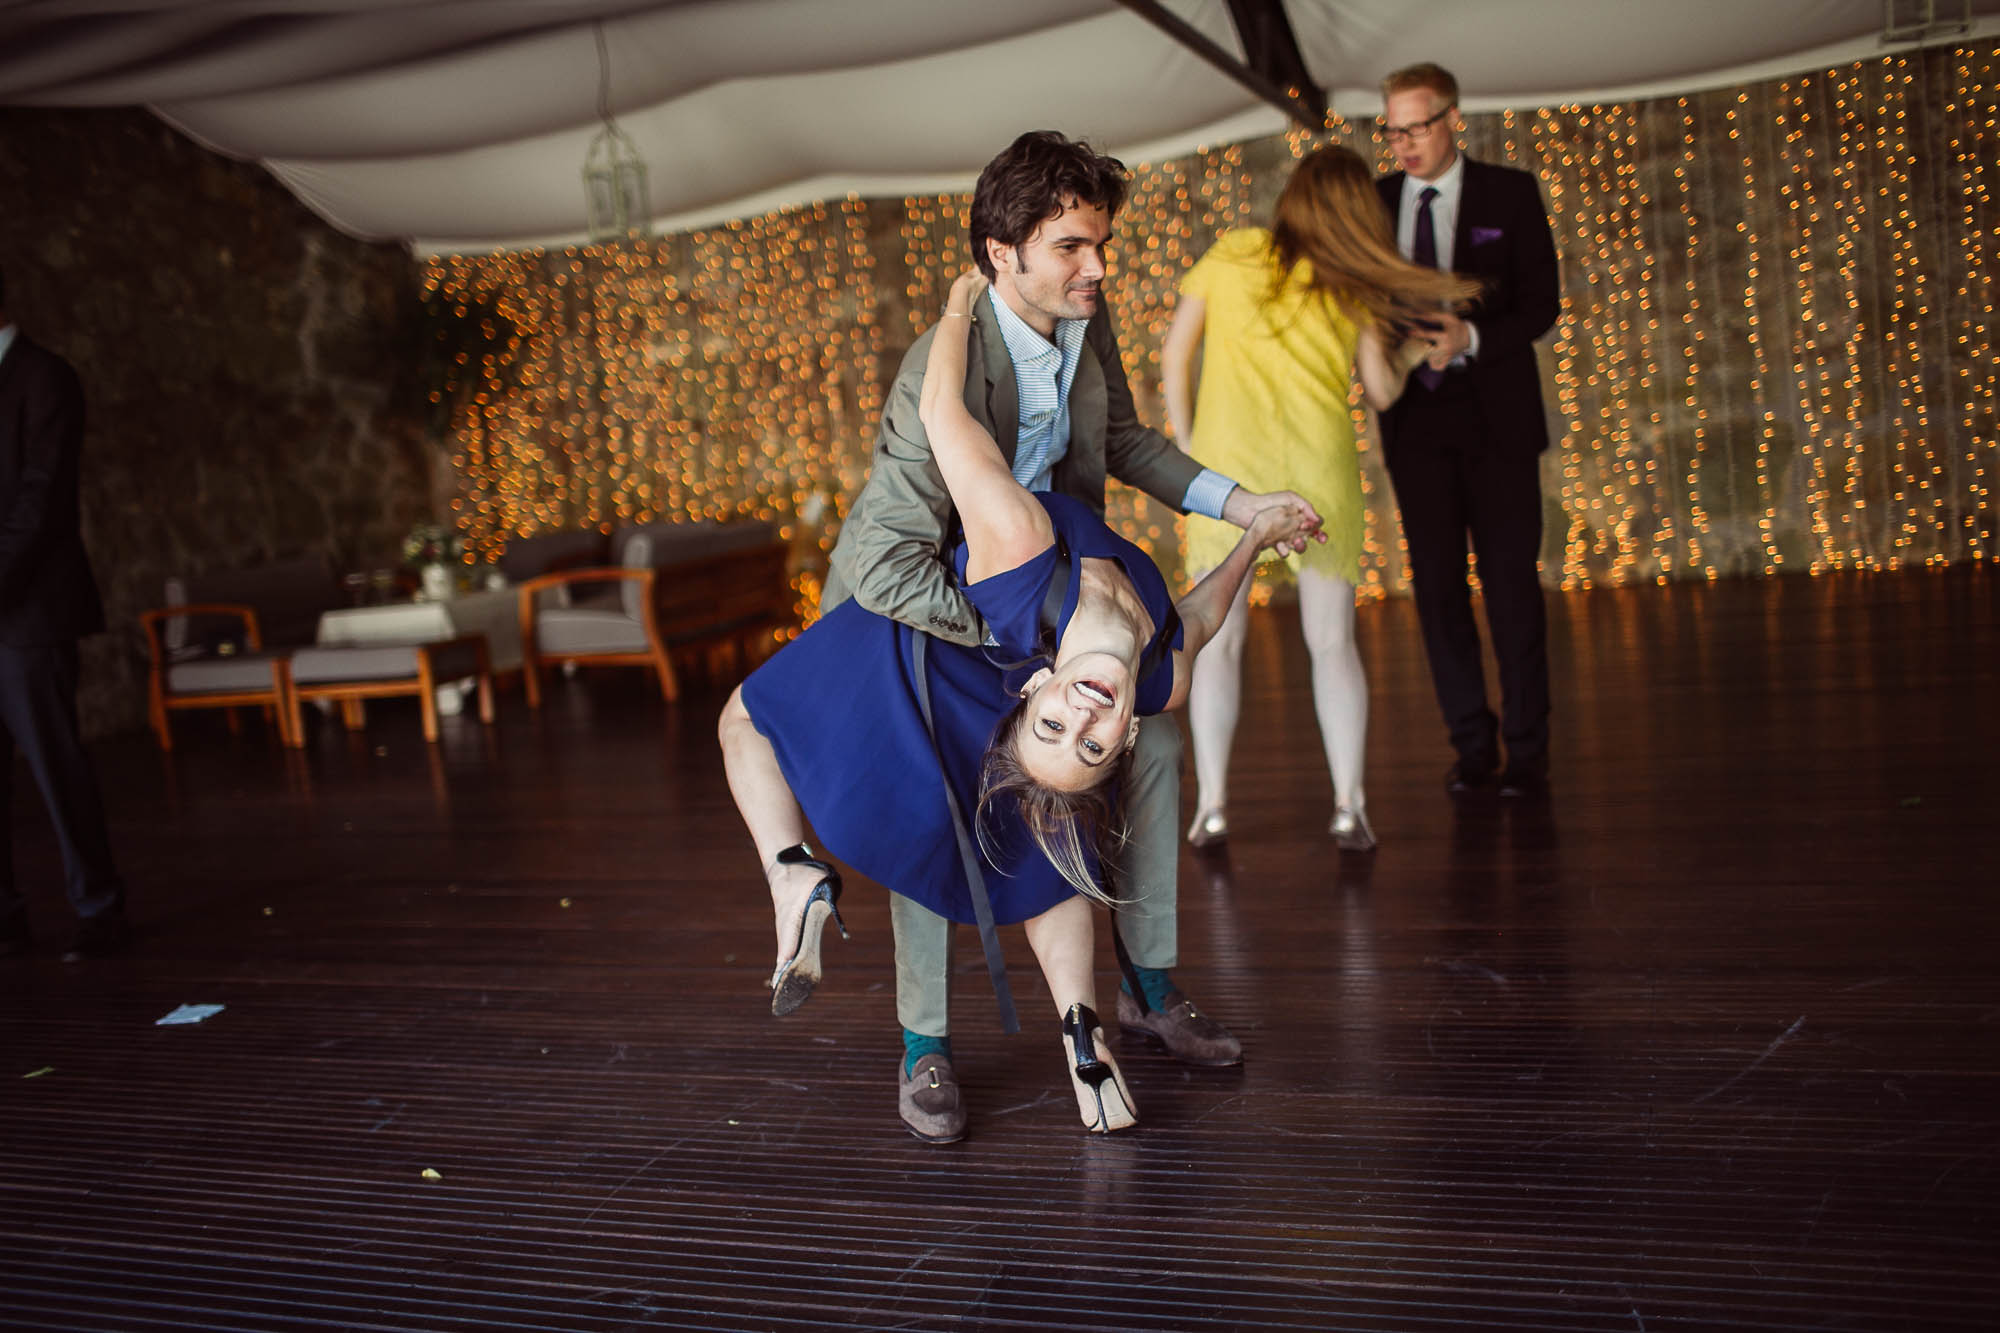 La invitada del vestido azul bailando con un invitado cayendo hacia atrás como en un tango